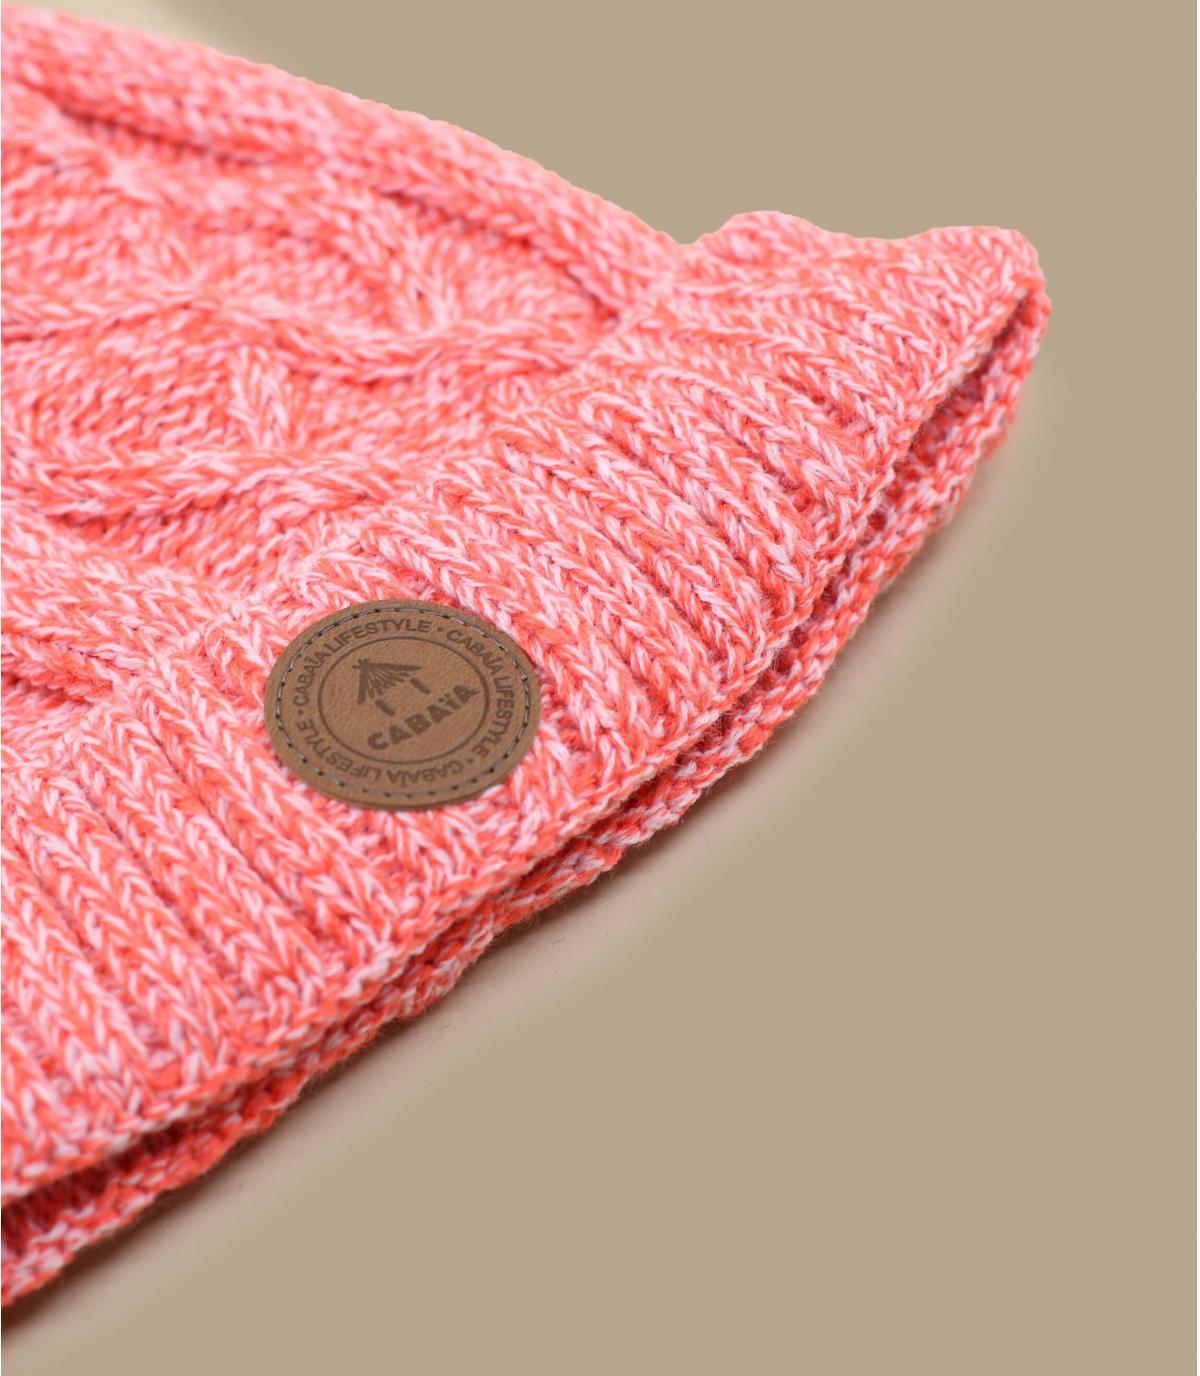 Détails Jus de Pomme Kids pink - image 3